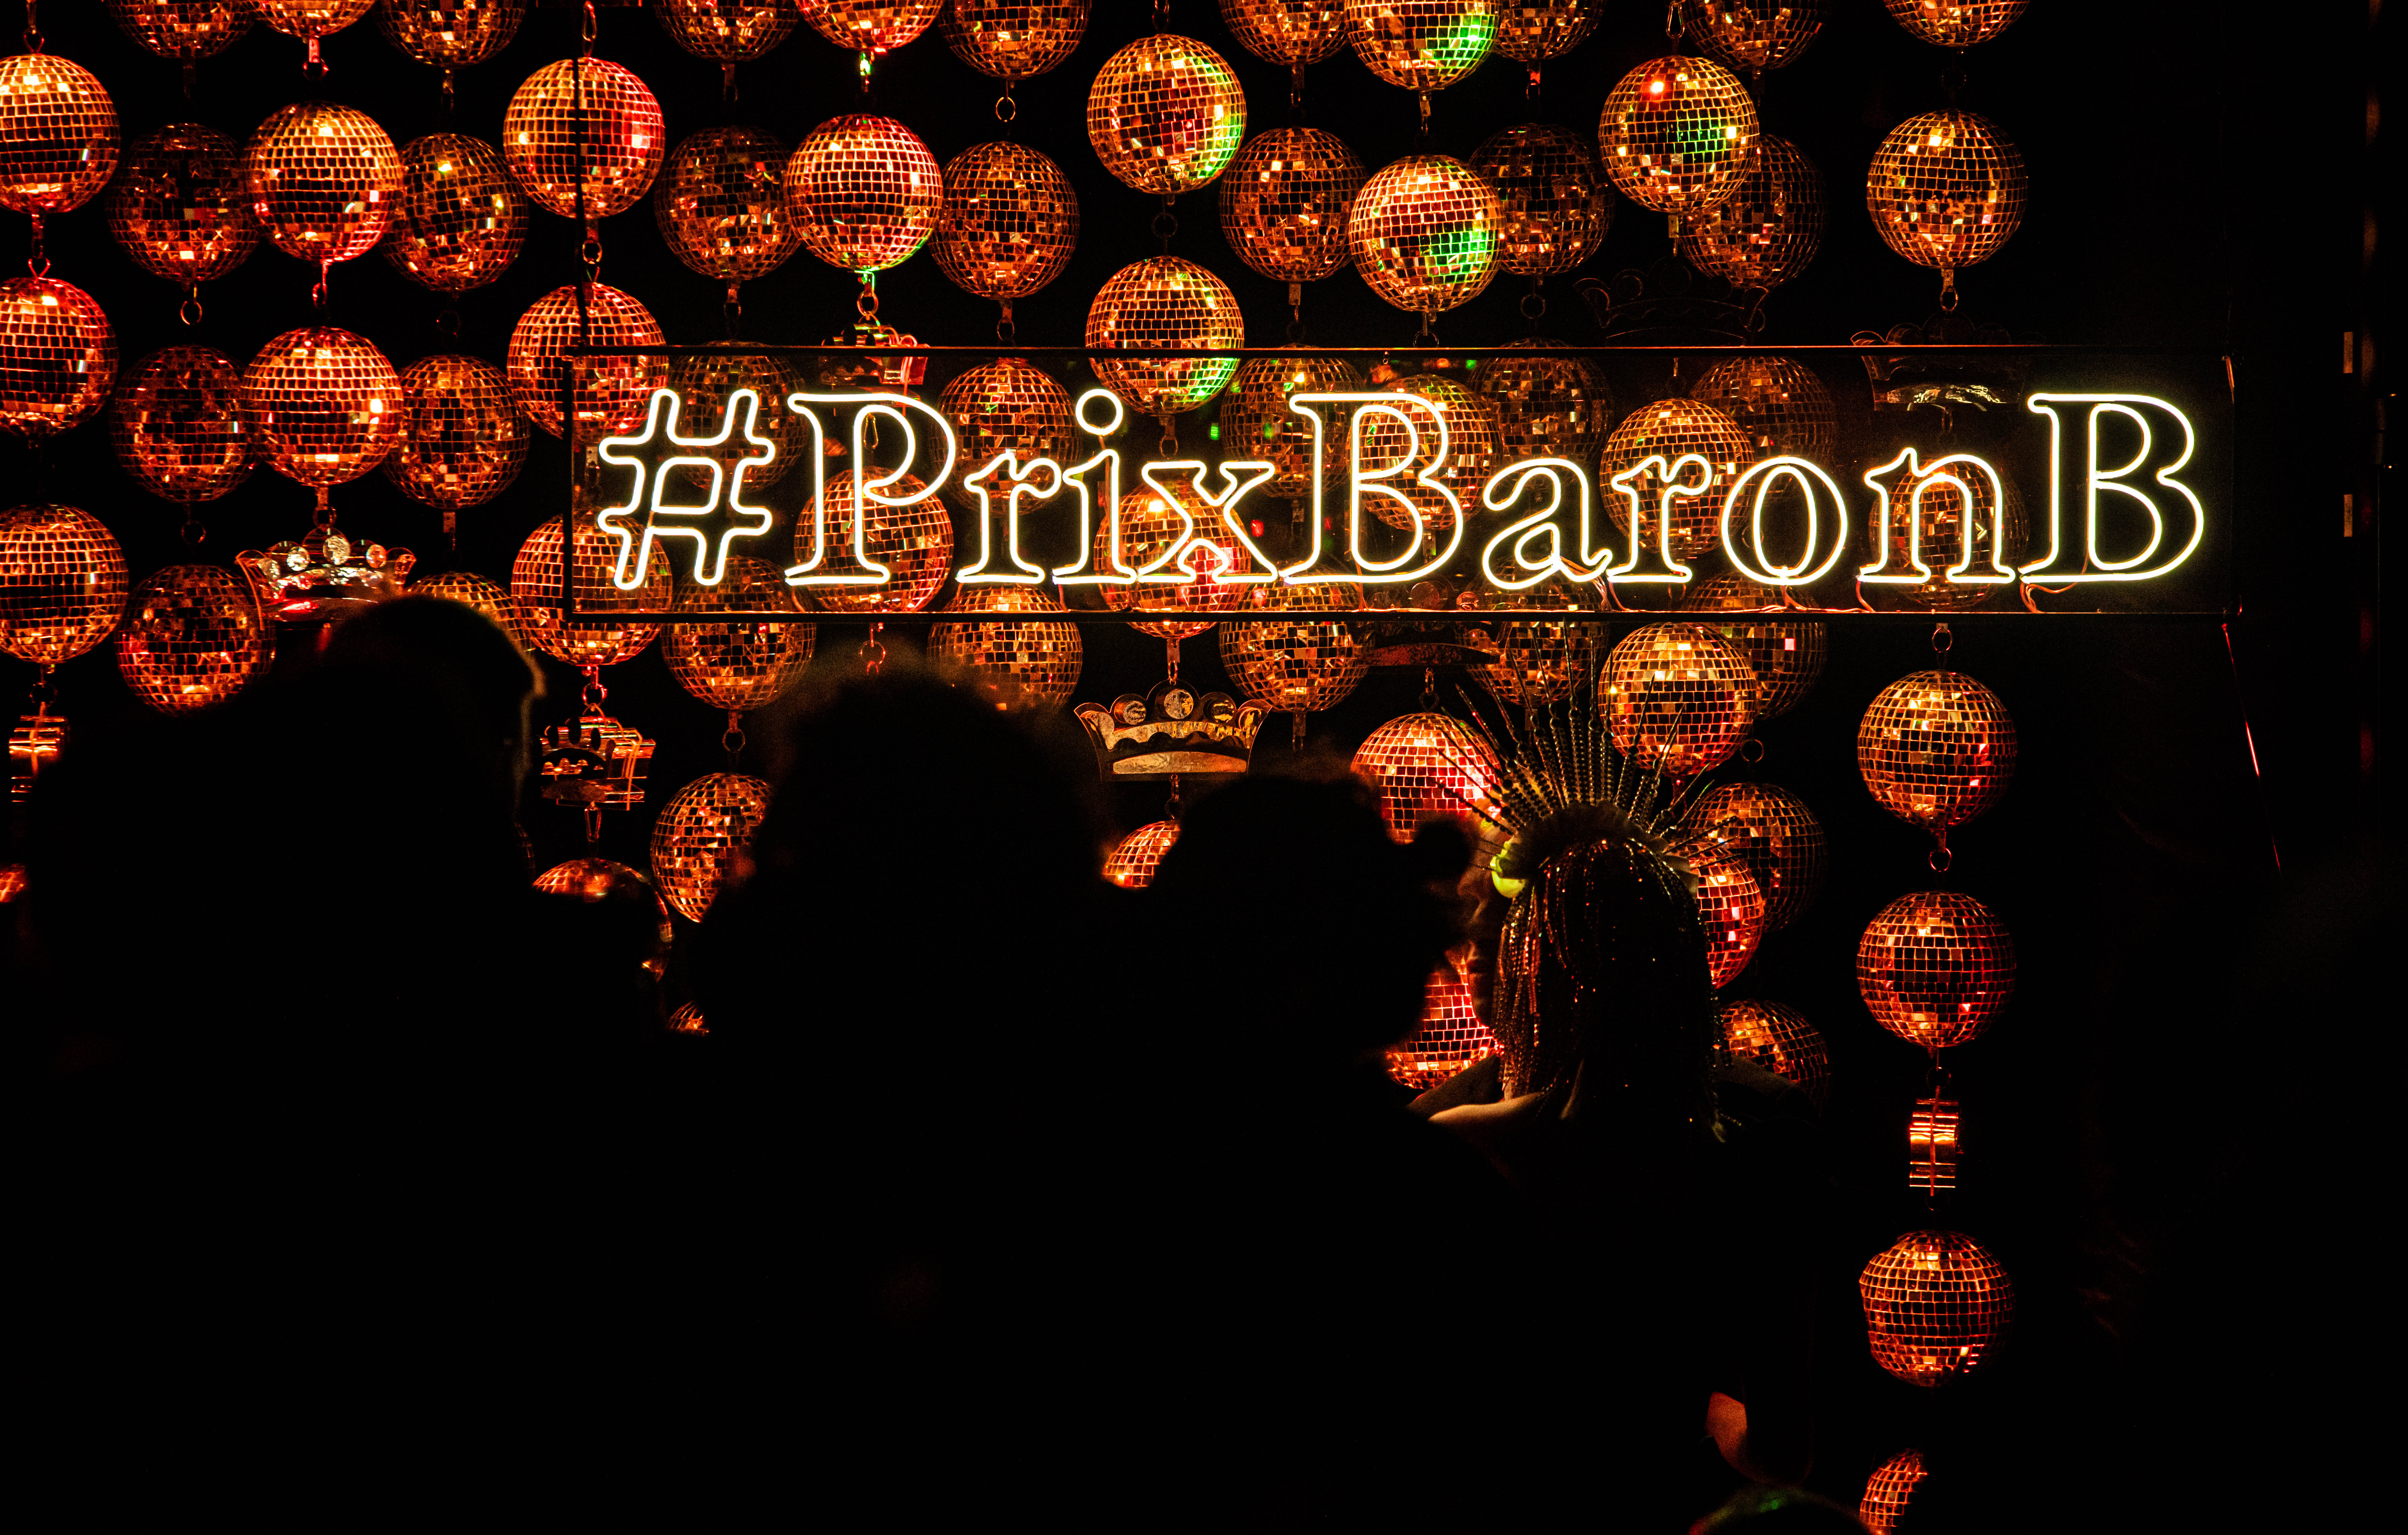 El Prix de Baron B es la fiesta que combina el glamour, la elegancia y la beneficiencia. Reúne a las figuras más importantes para ayudar a una ONG diferente, en esta ocasión Banco de Alimentos de Buenos Aires